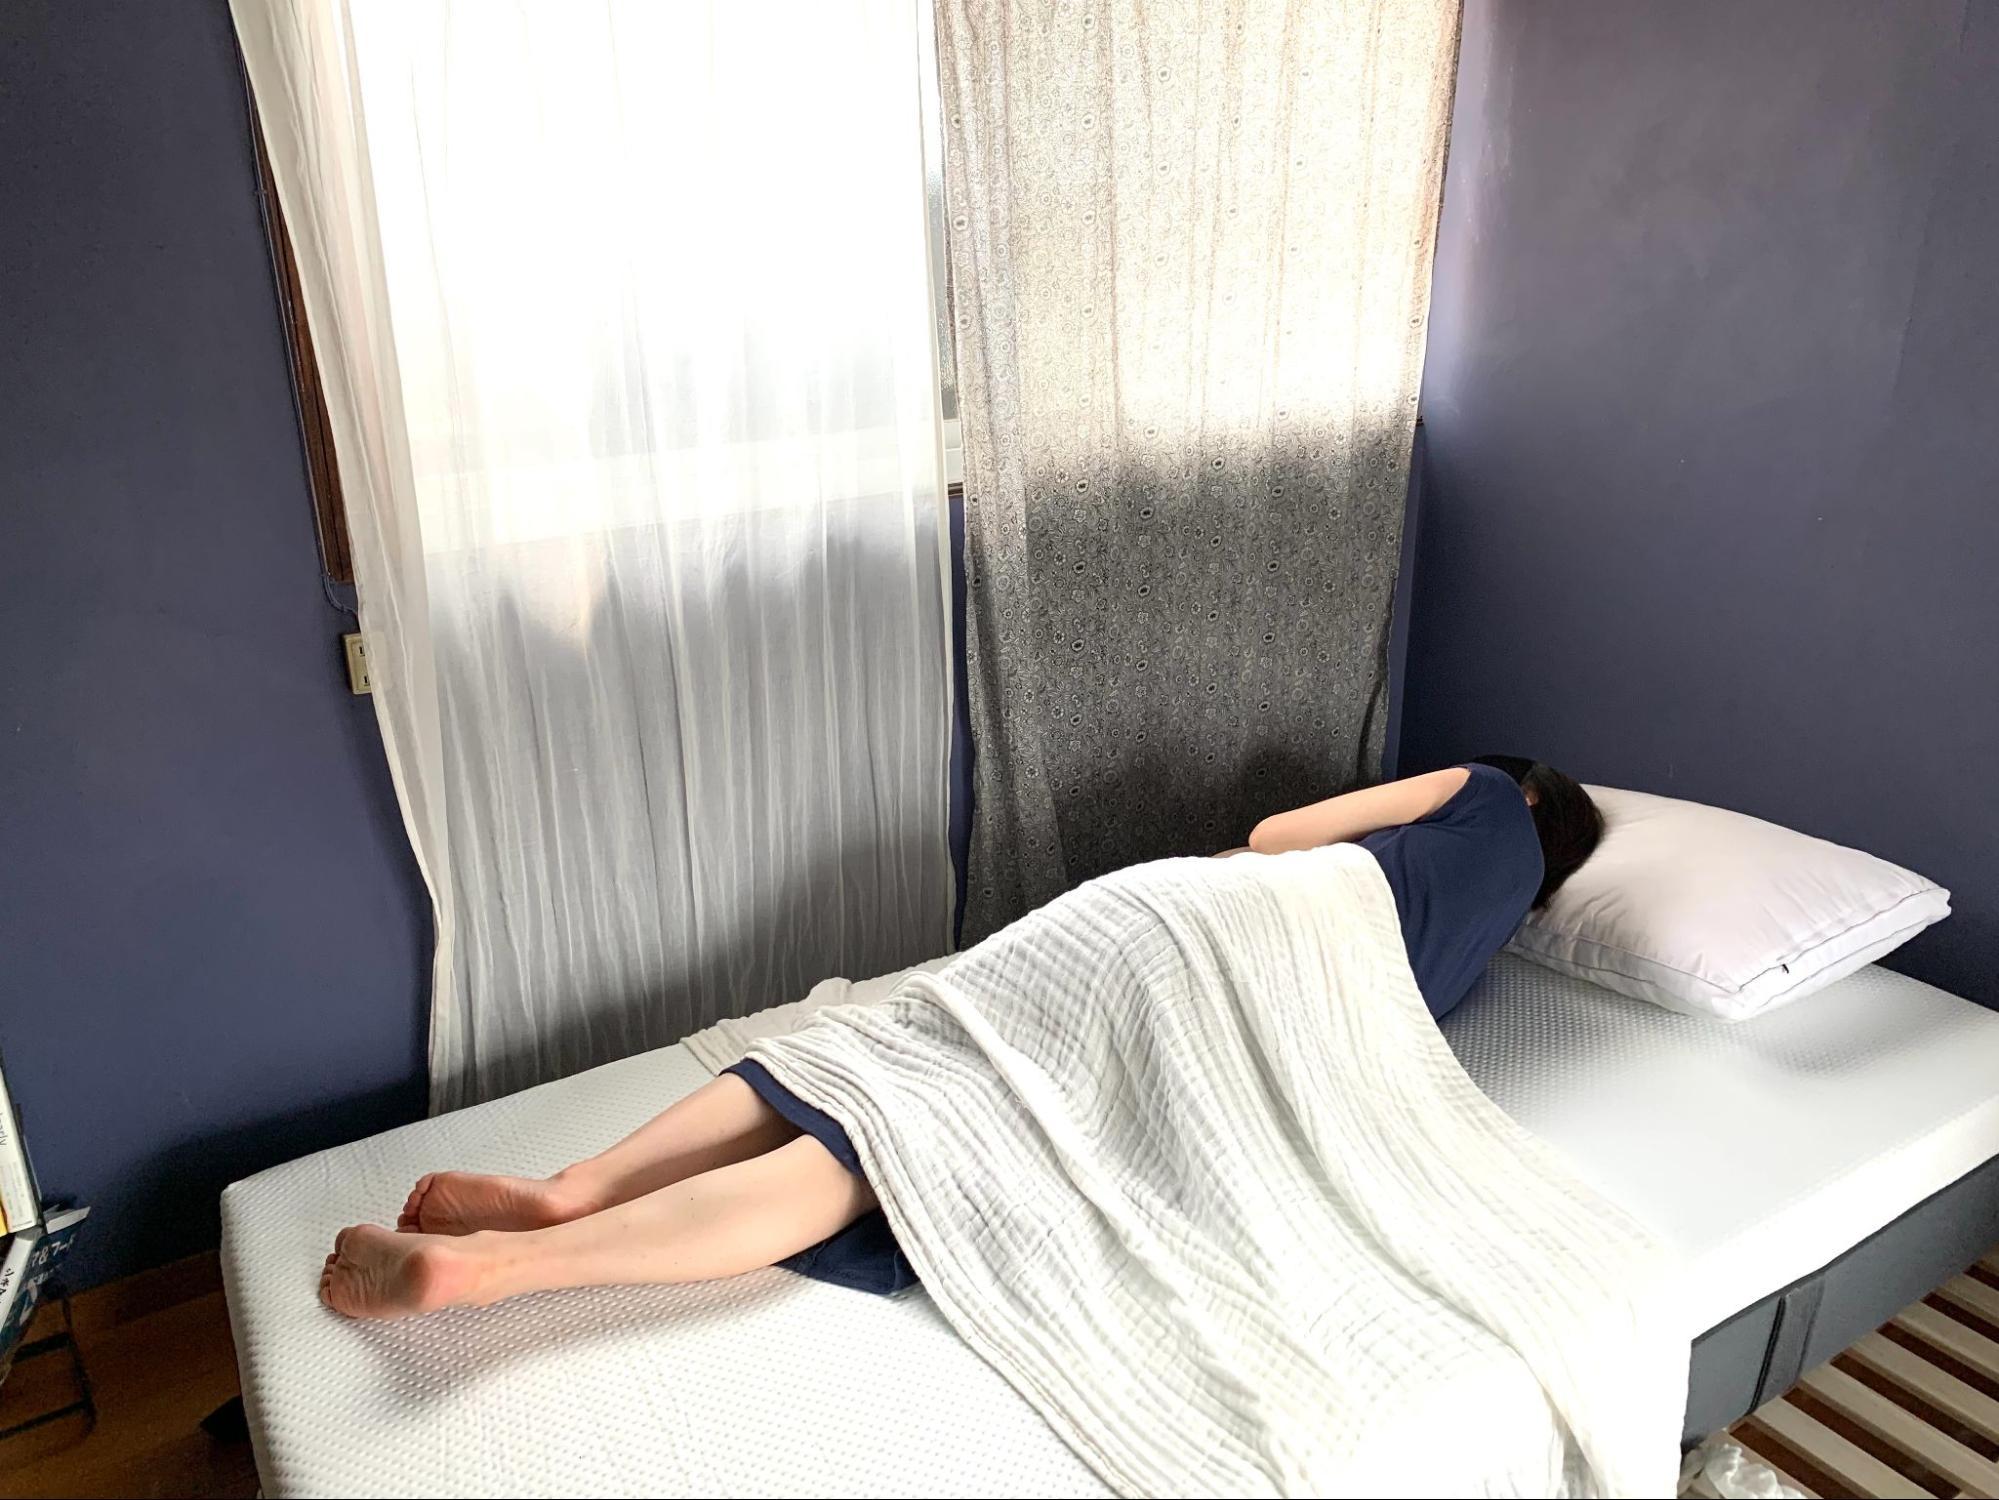 エマ・スリープマットレスを試してわかった特徴5つ_レビュー③寝心地の良さ